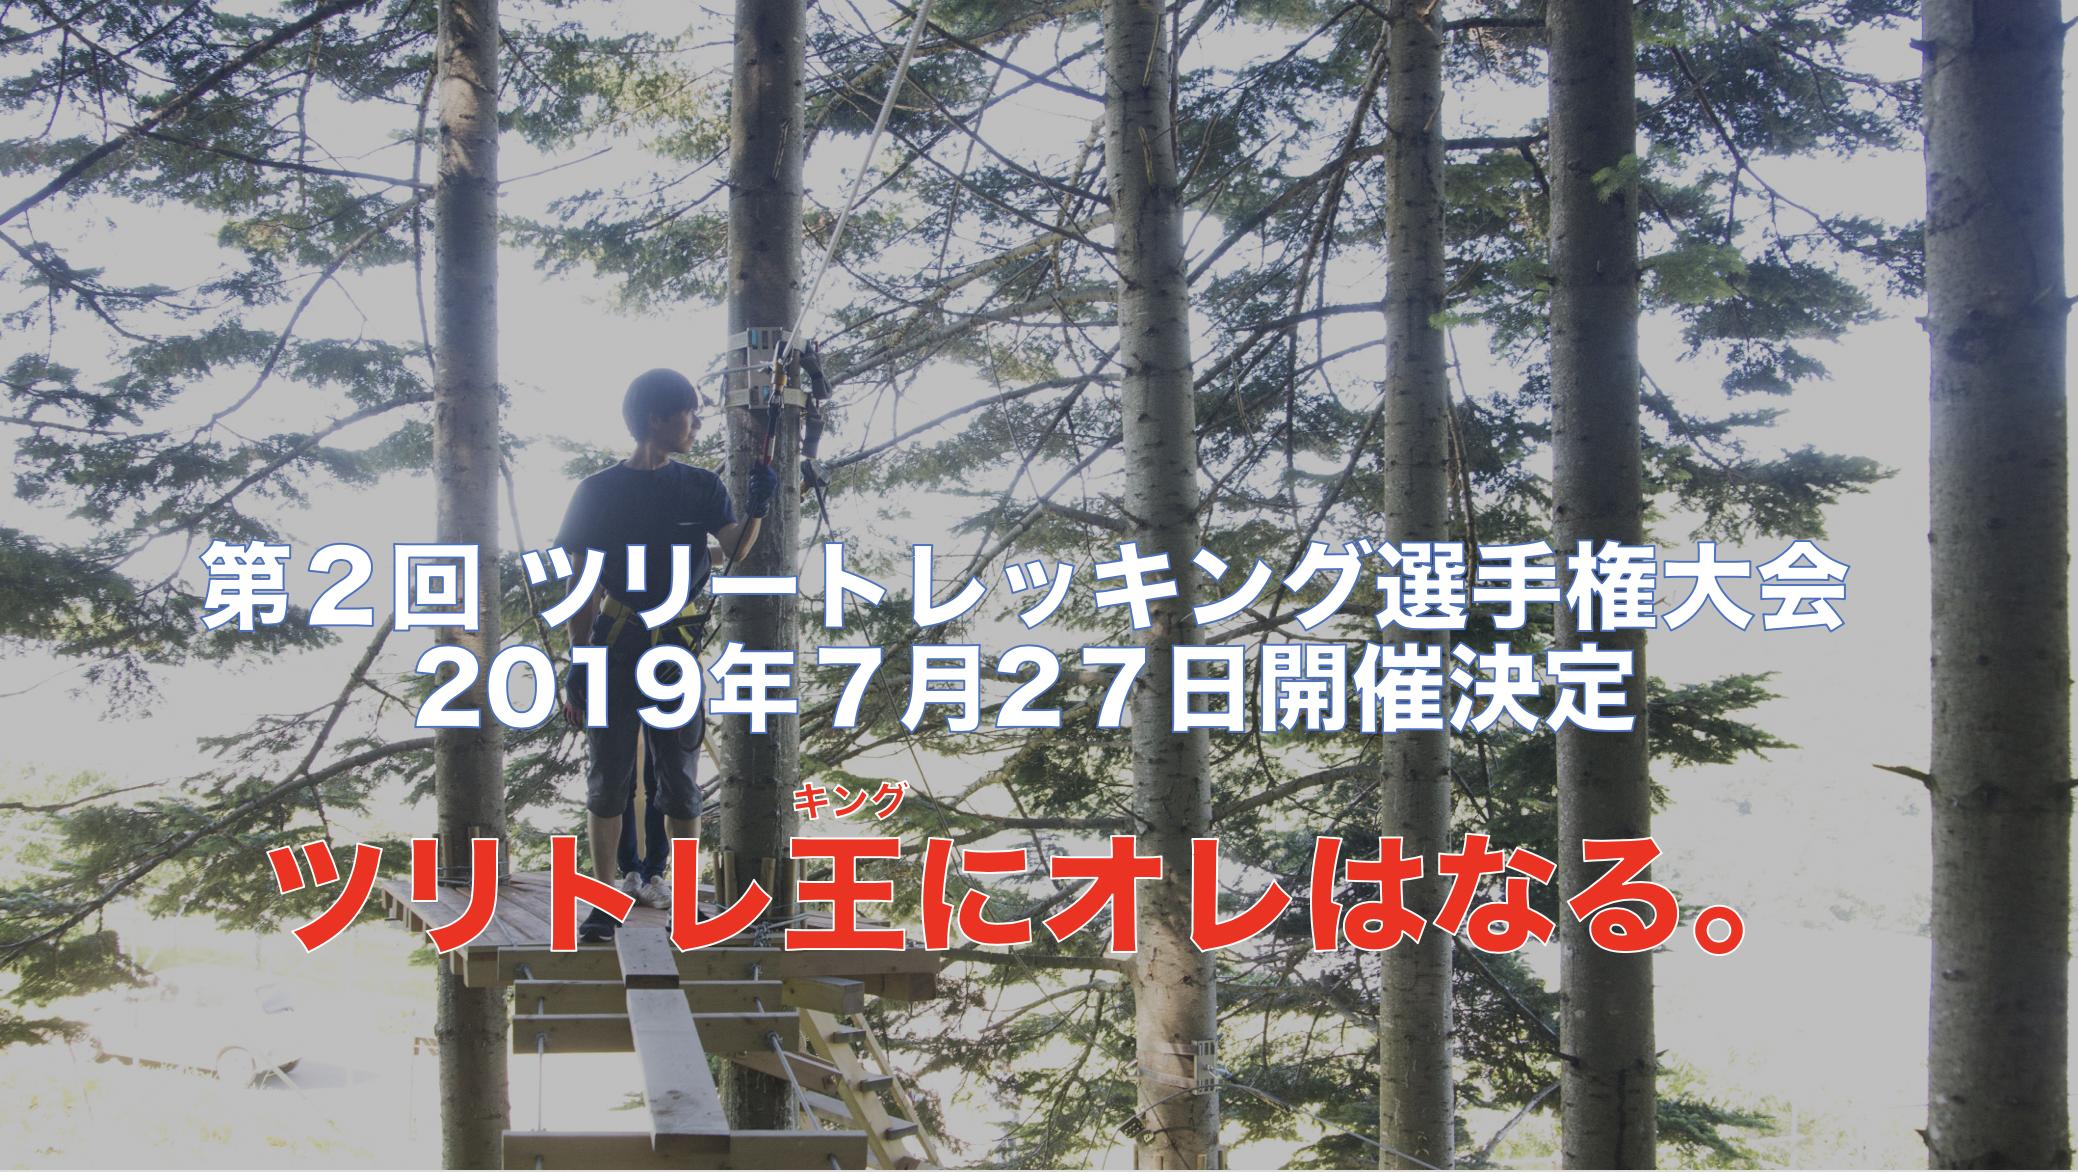 2019.09.28  第4回ツリートレッキング選手権開催!!